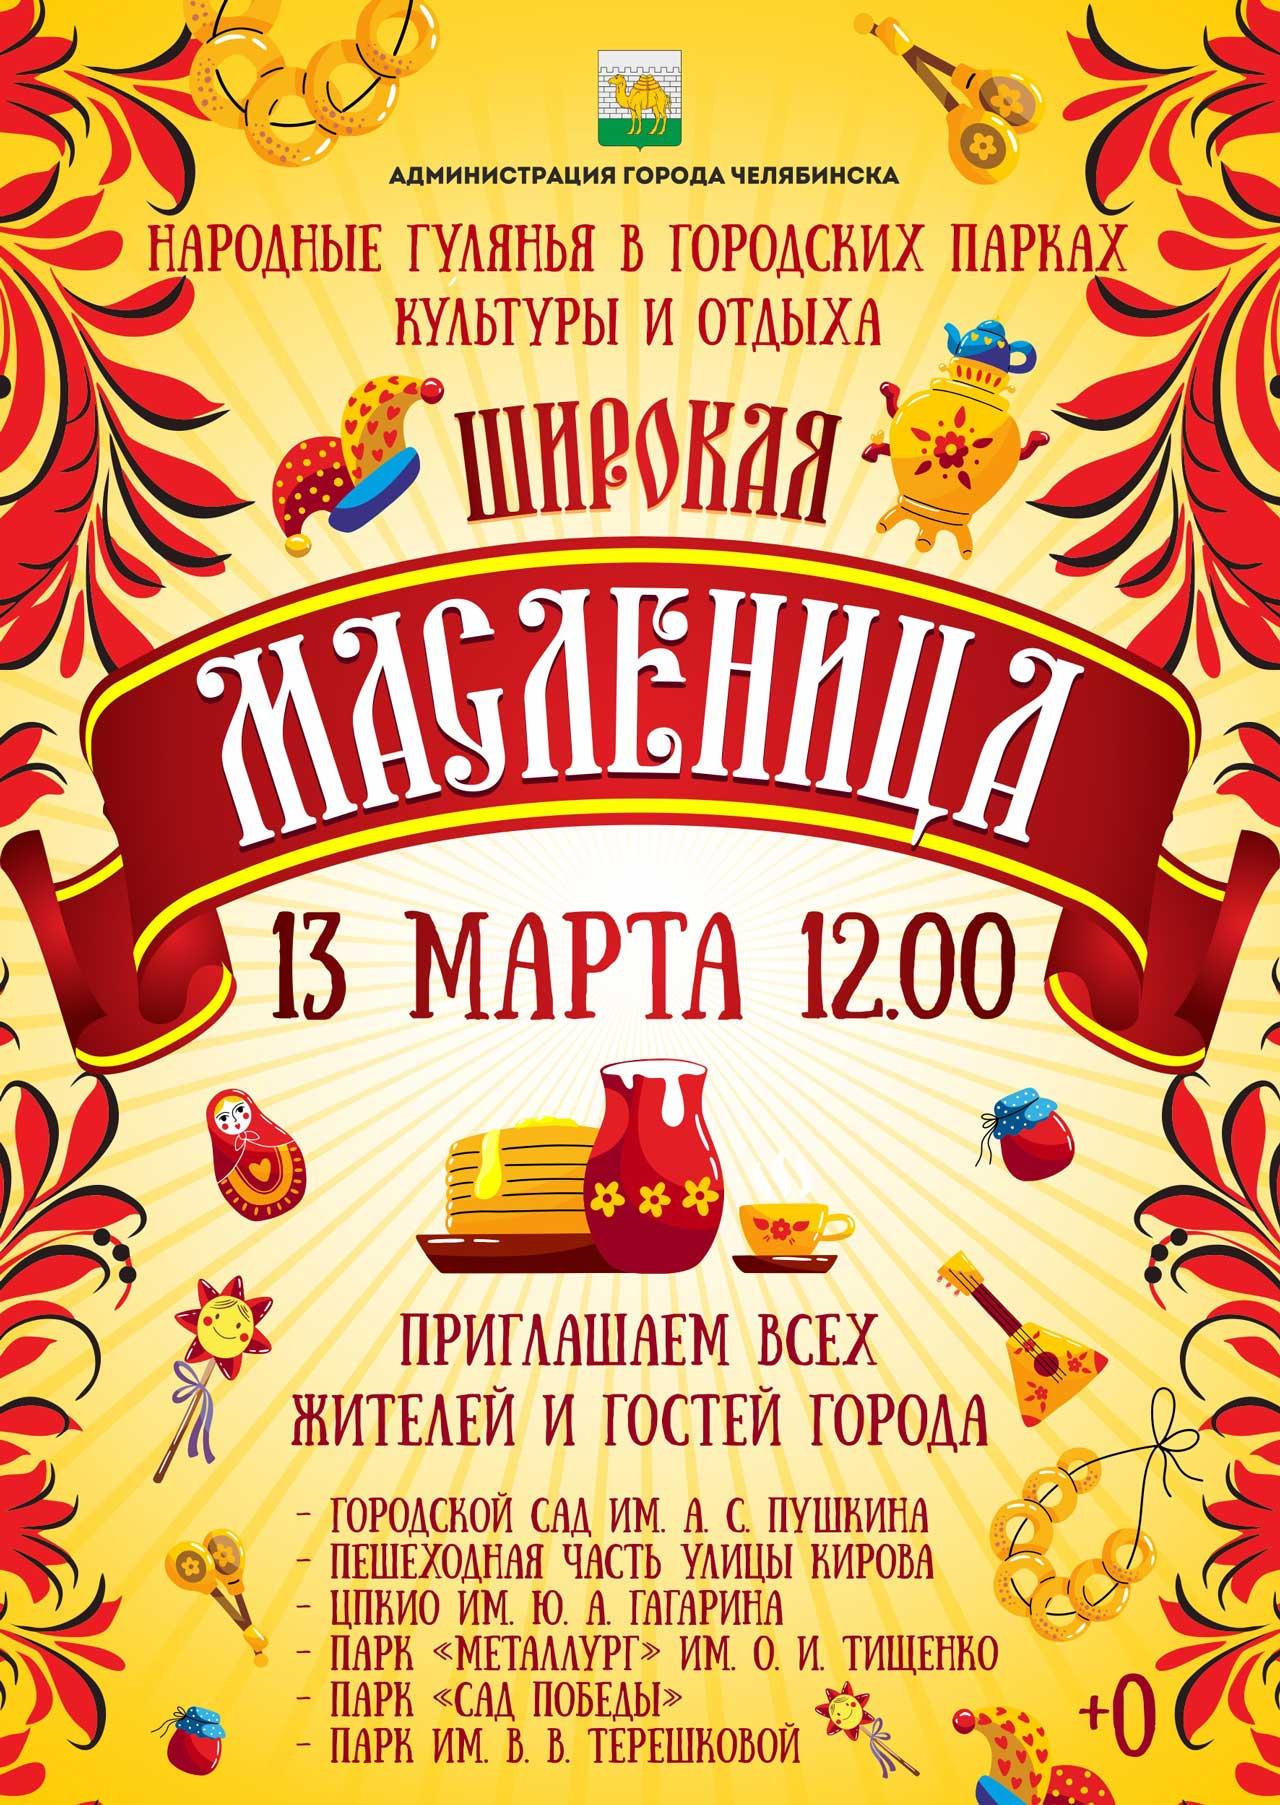 Масленица 2021 в Челябинске: где и когда праздновать